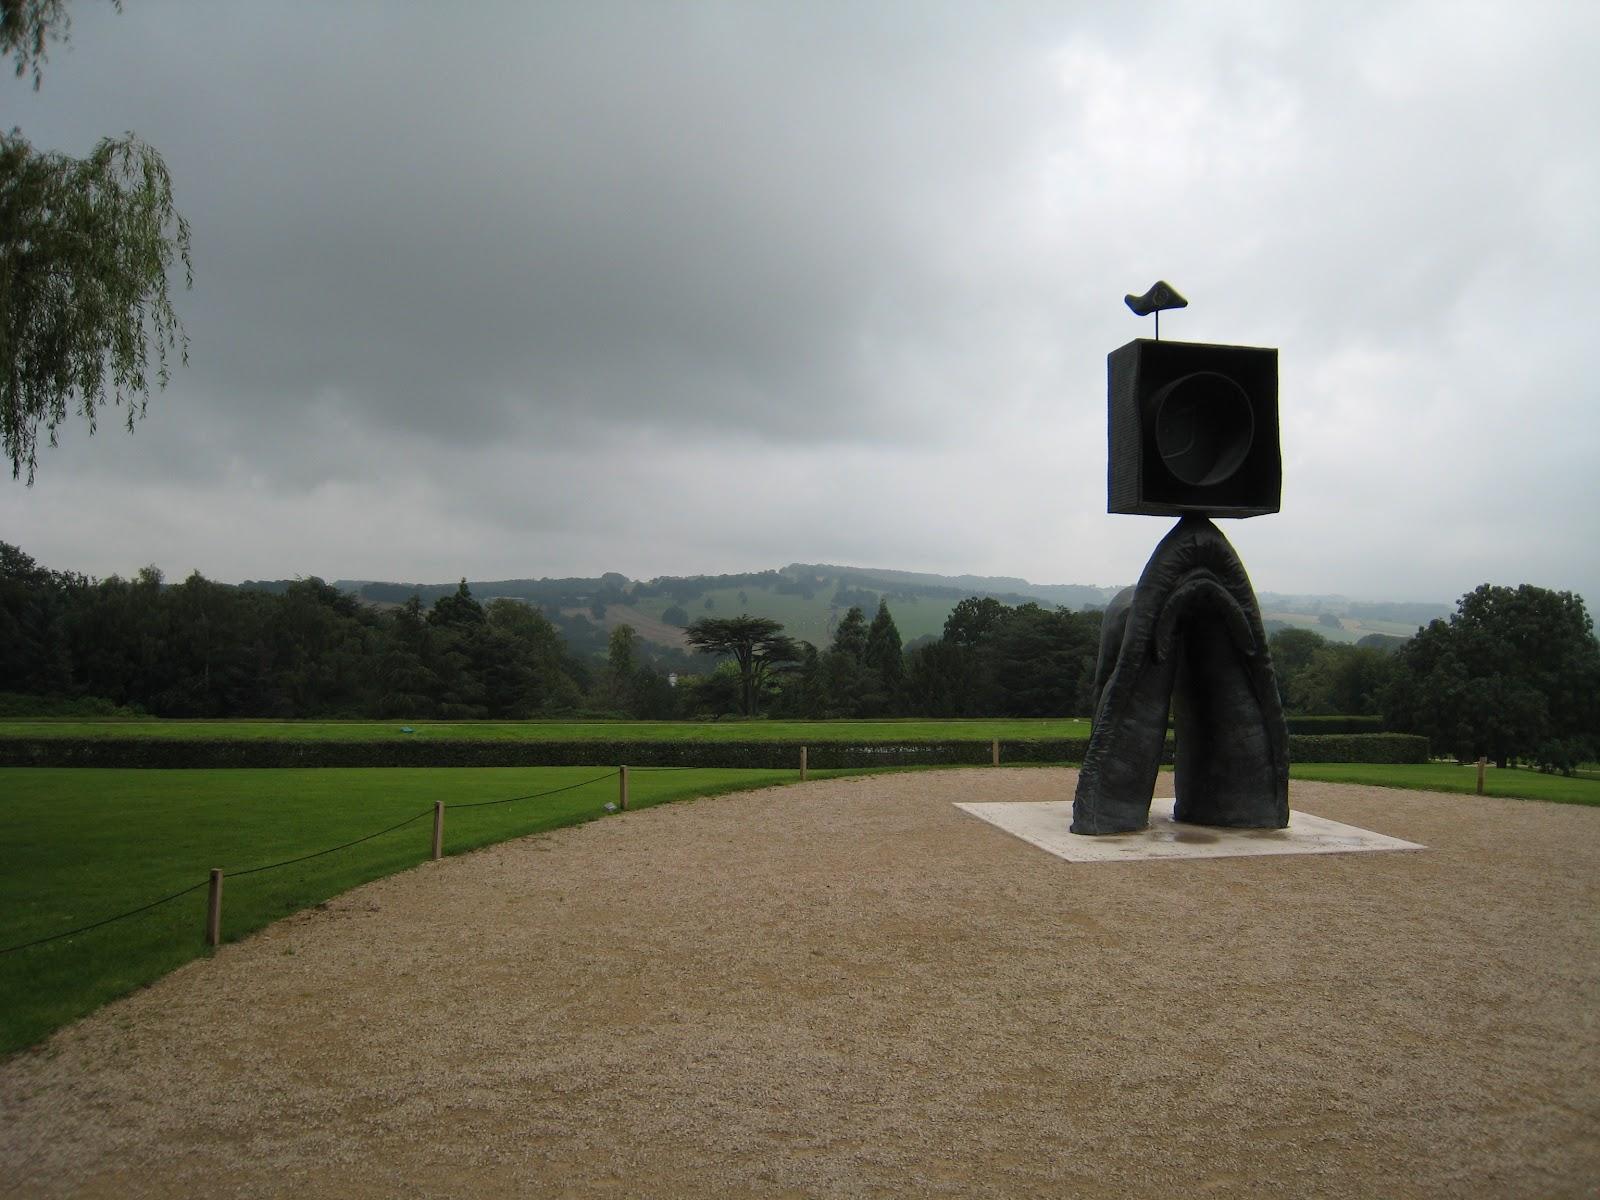 Lacethread Yorkshire Sculpture Park